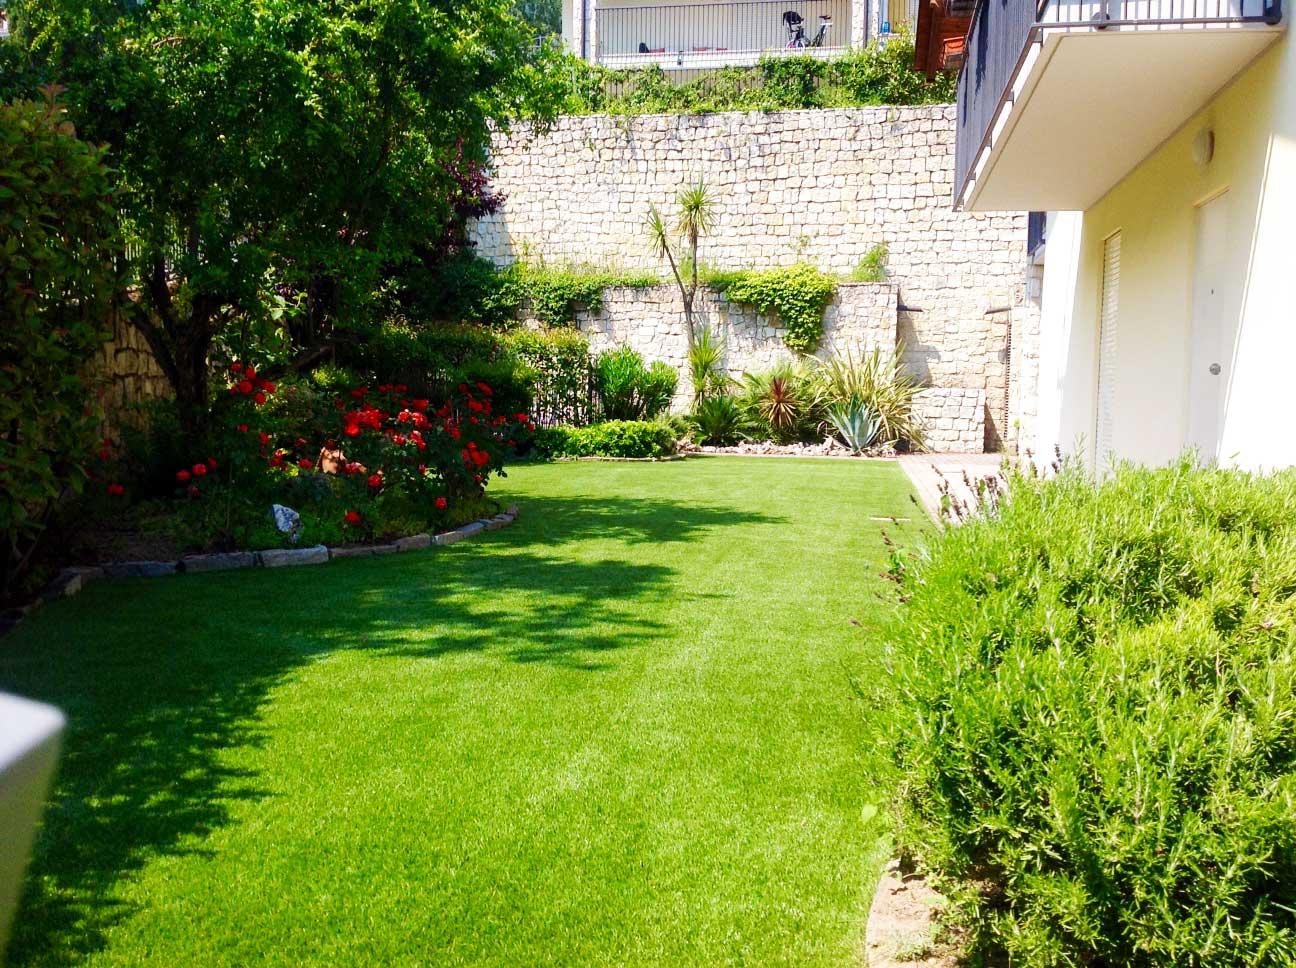 L'erba sintetica : Una Scelta di Cuore